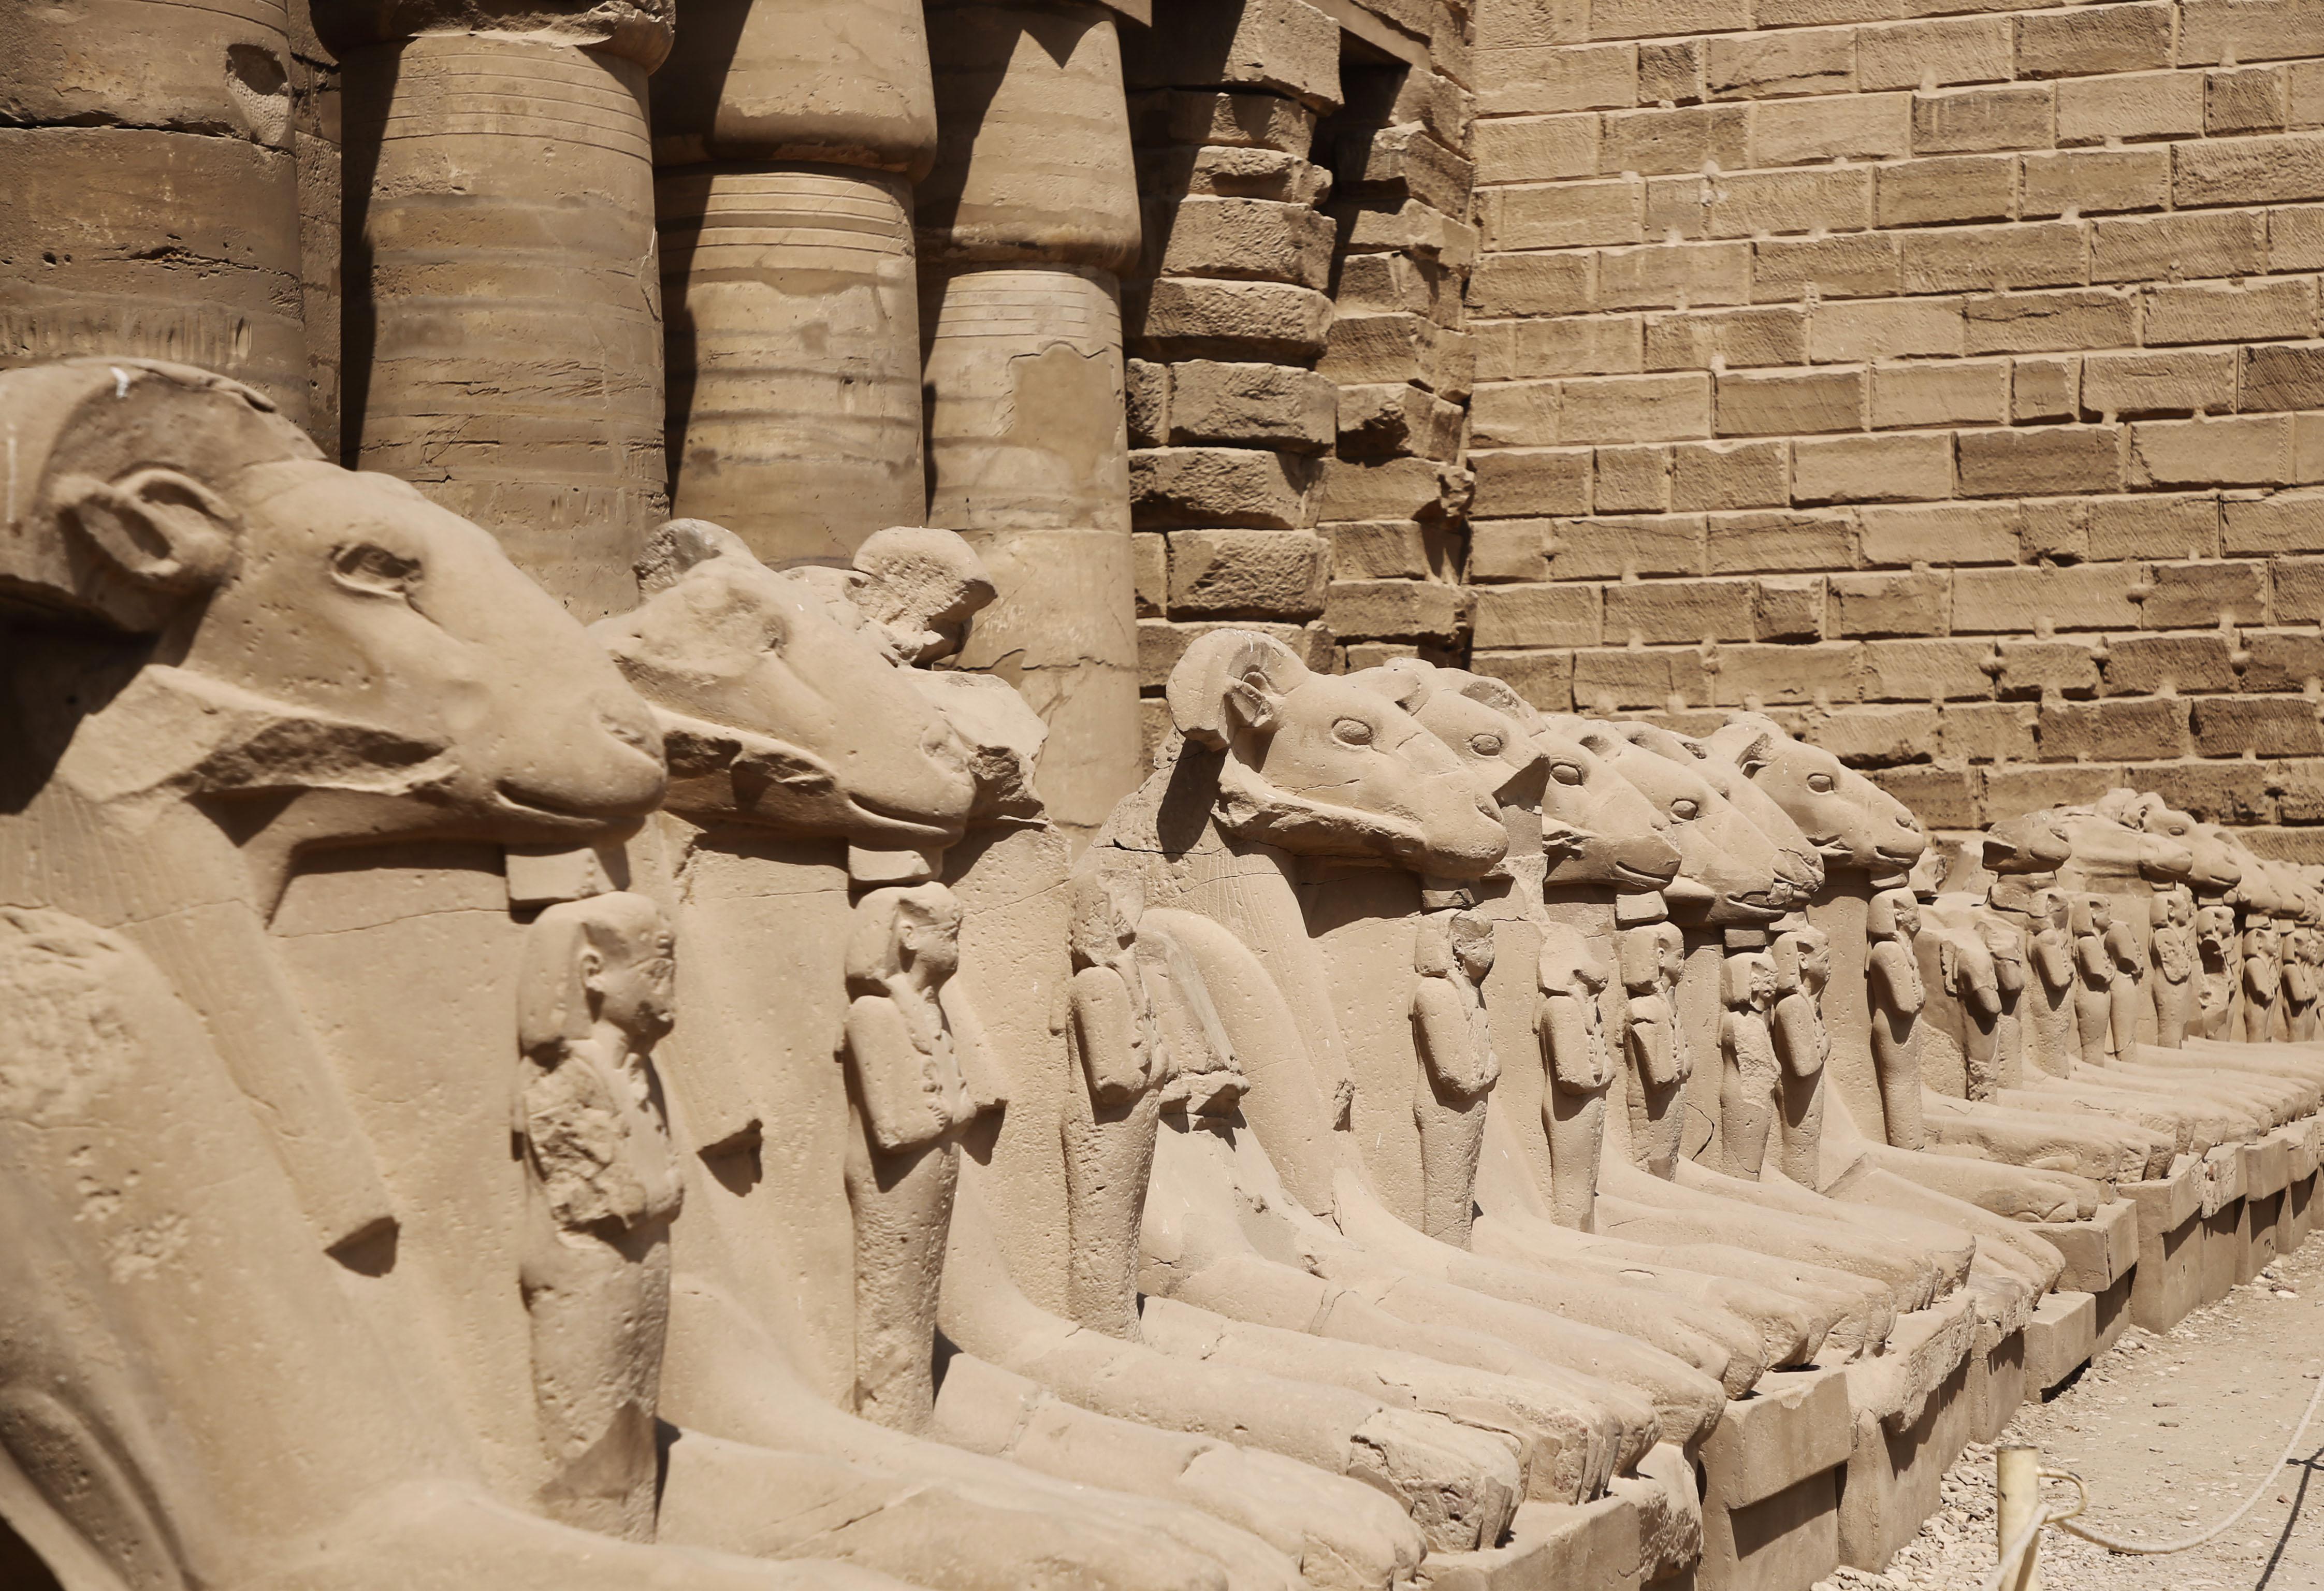 mia und ich blog Widder Statuen Amun Tempel  Ägypten Egypt Karnak